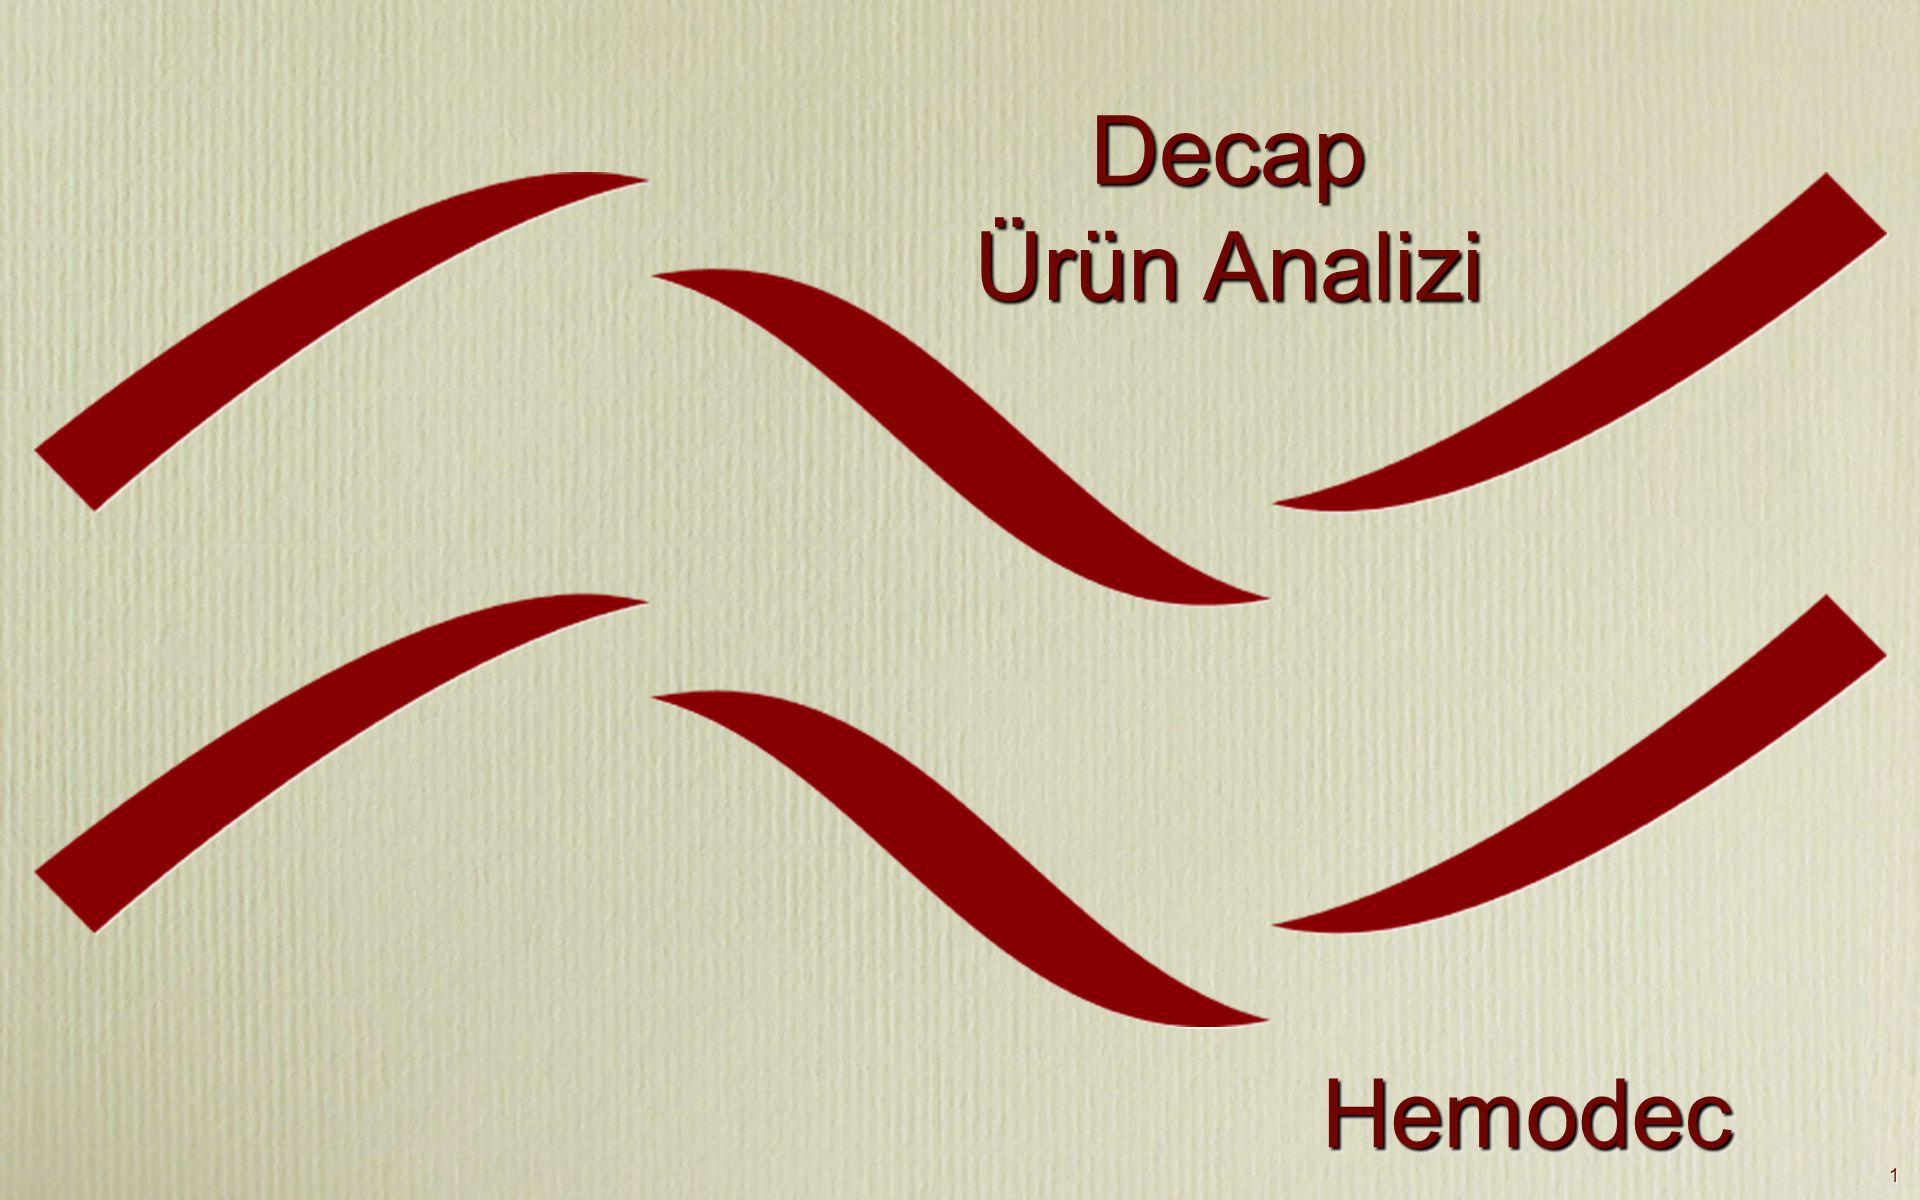 Decap Ürün Analizi Hemodec